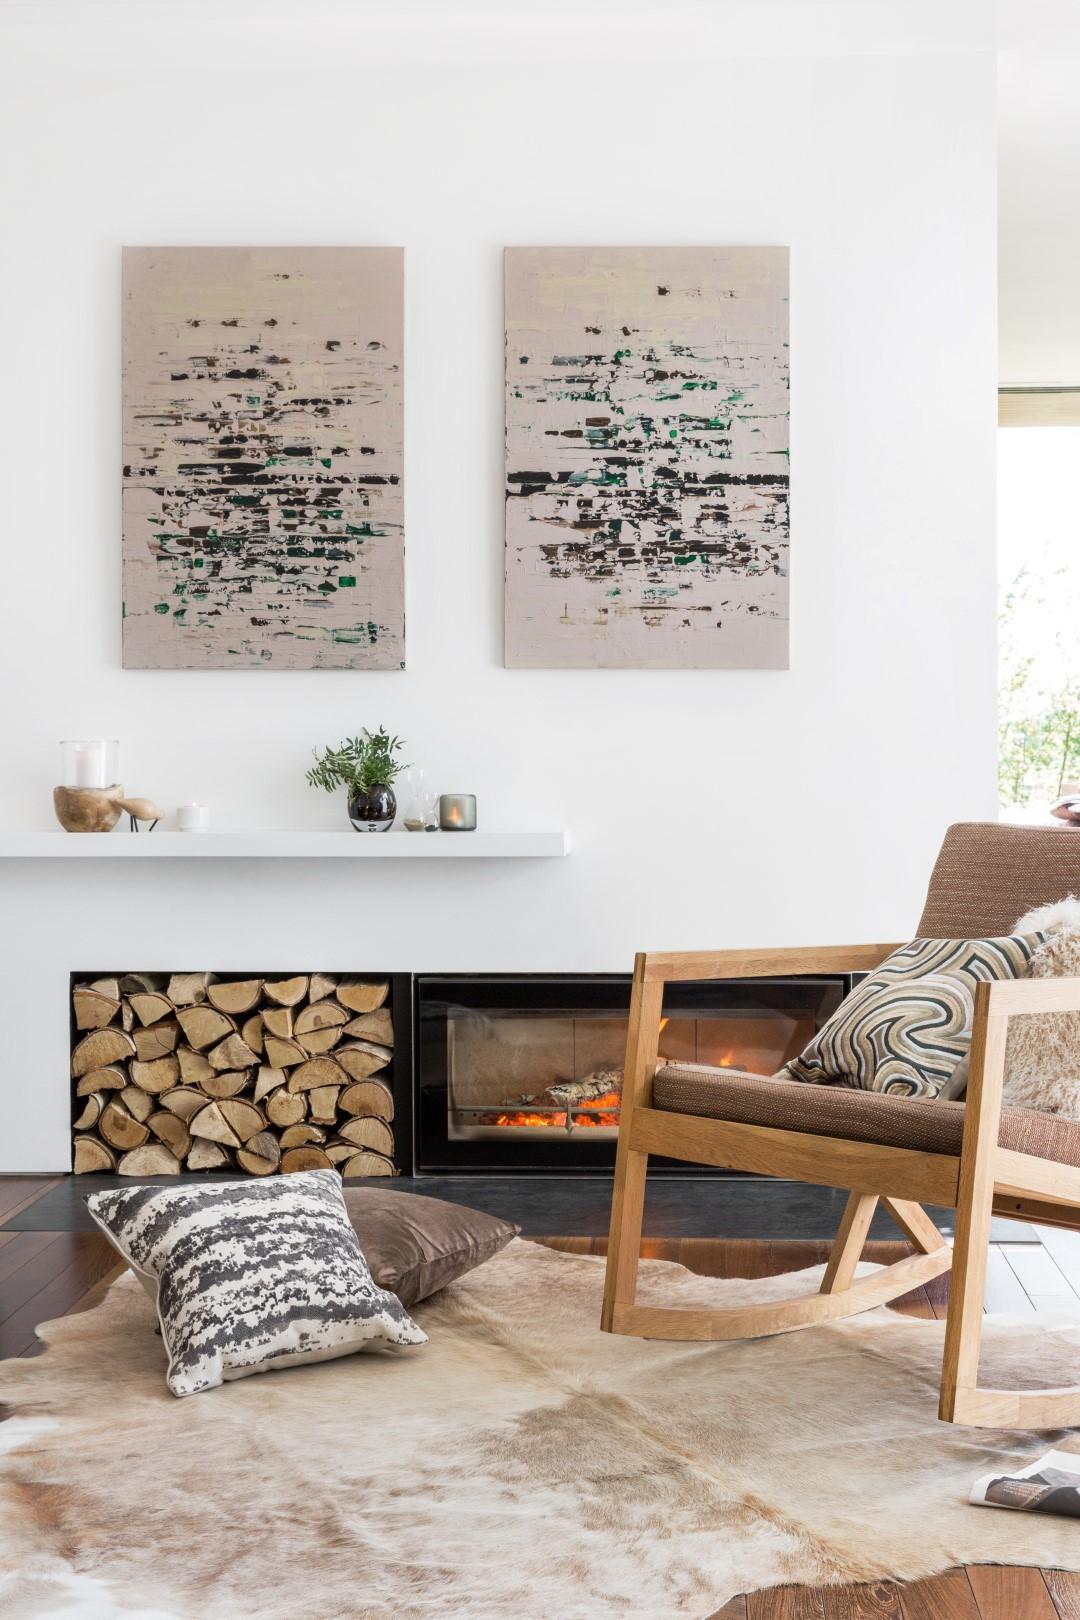 Phong cách thiết kế nội thất Đương đại - ảnh 2